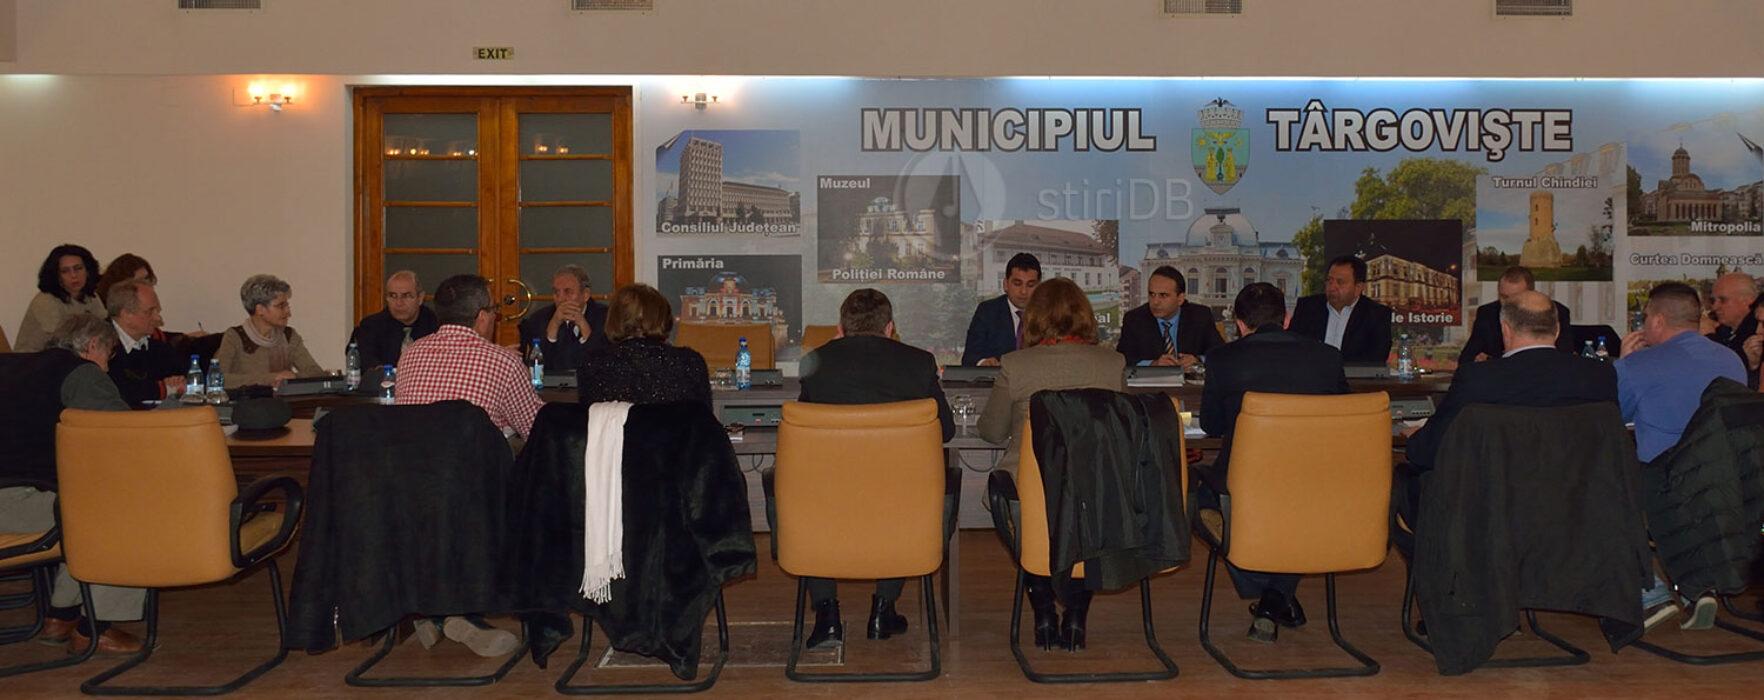 Târgovişte: Bugetul municipiului a trecut, cu amendamentele PSD